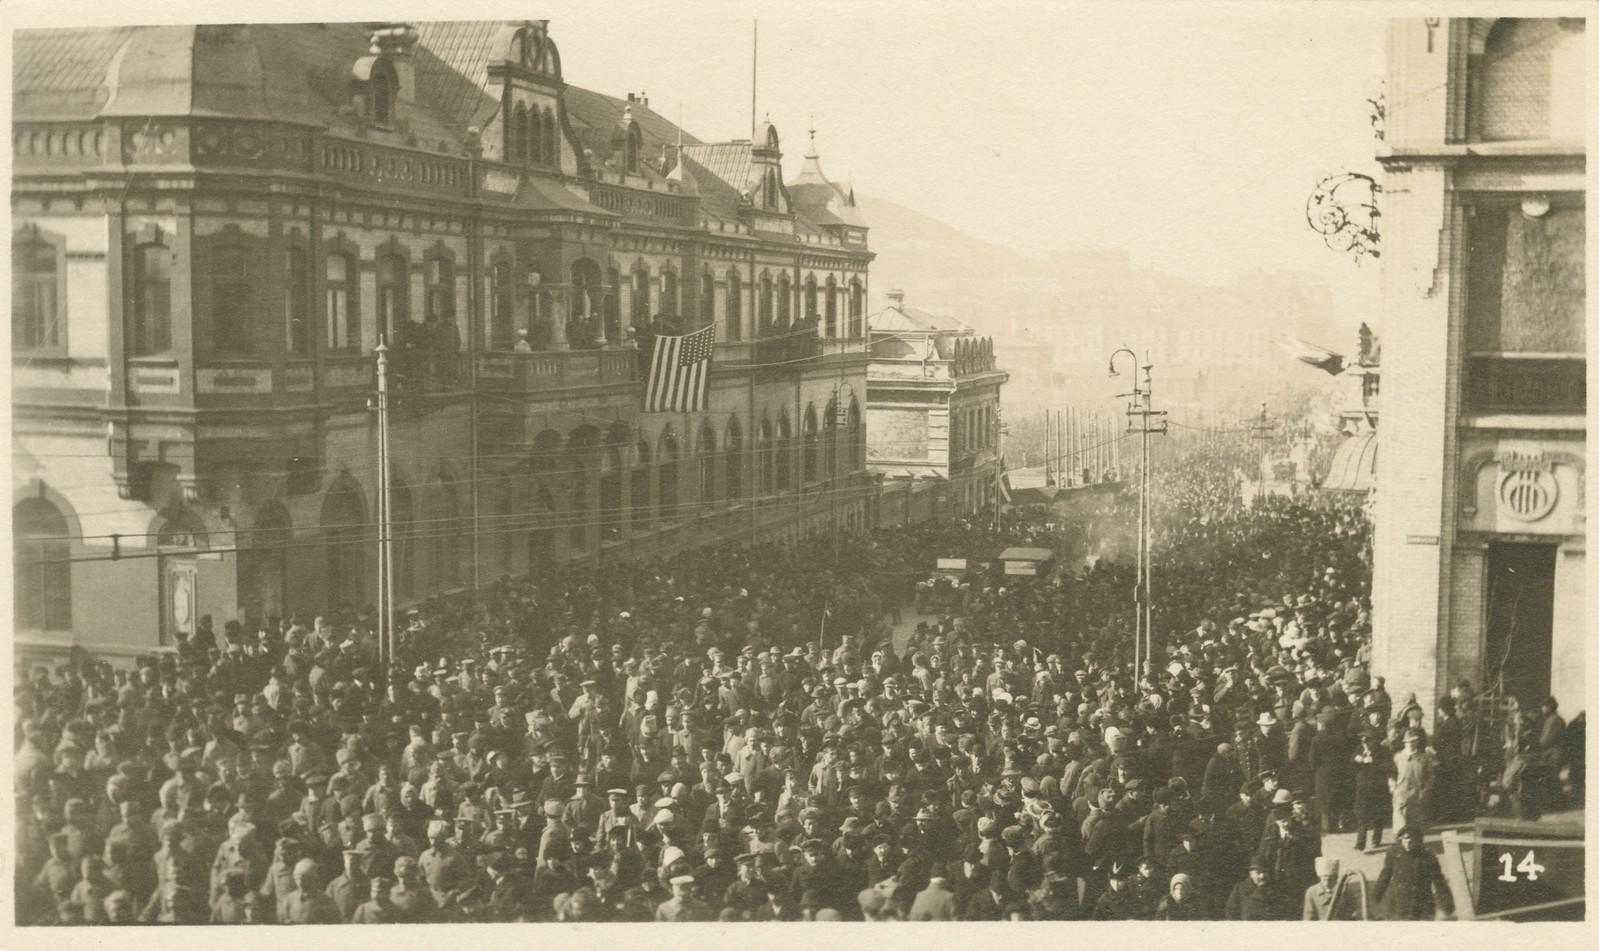 31. 1918. Парад завершился прохождением частей Чехословацкого корпуса. 15 ноября2